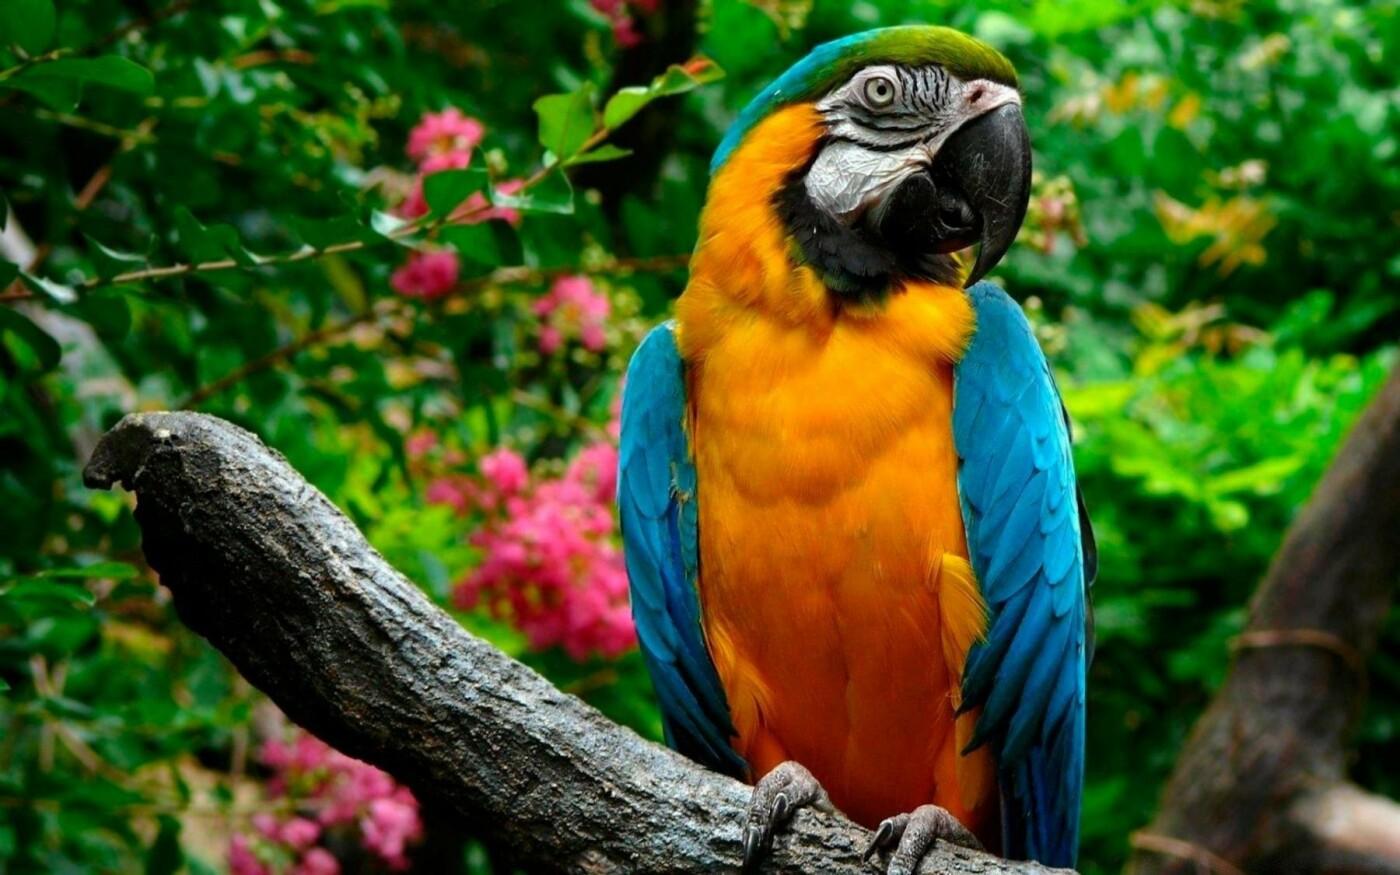 Уикенд в Актау: фестиваль пенного лета, экзотические птицы и мастер-классы, фото-1